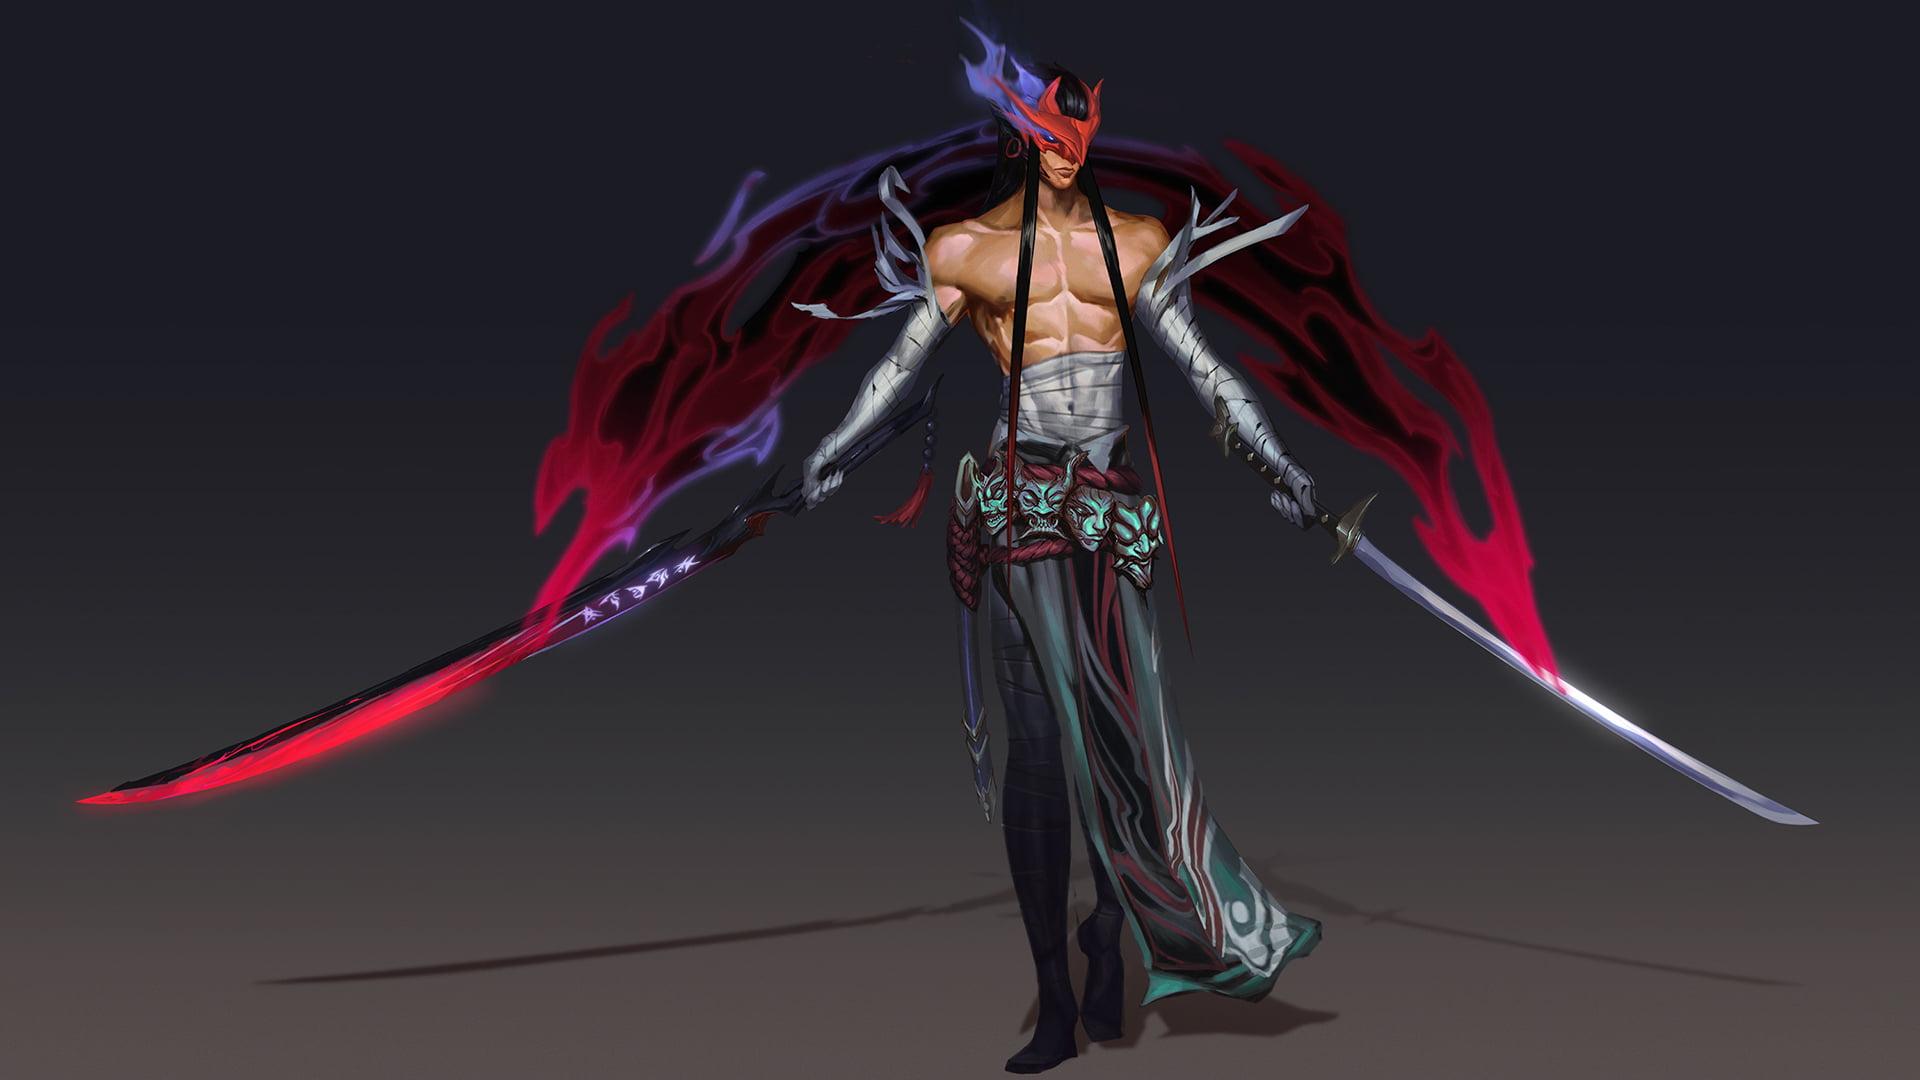 League Of Legends: Yone